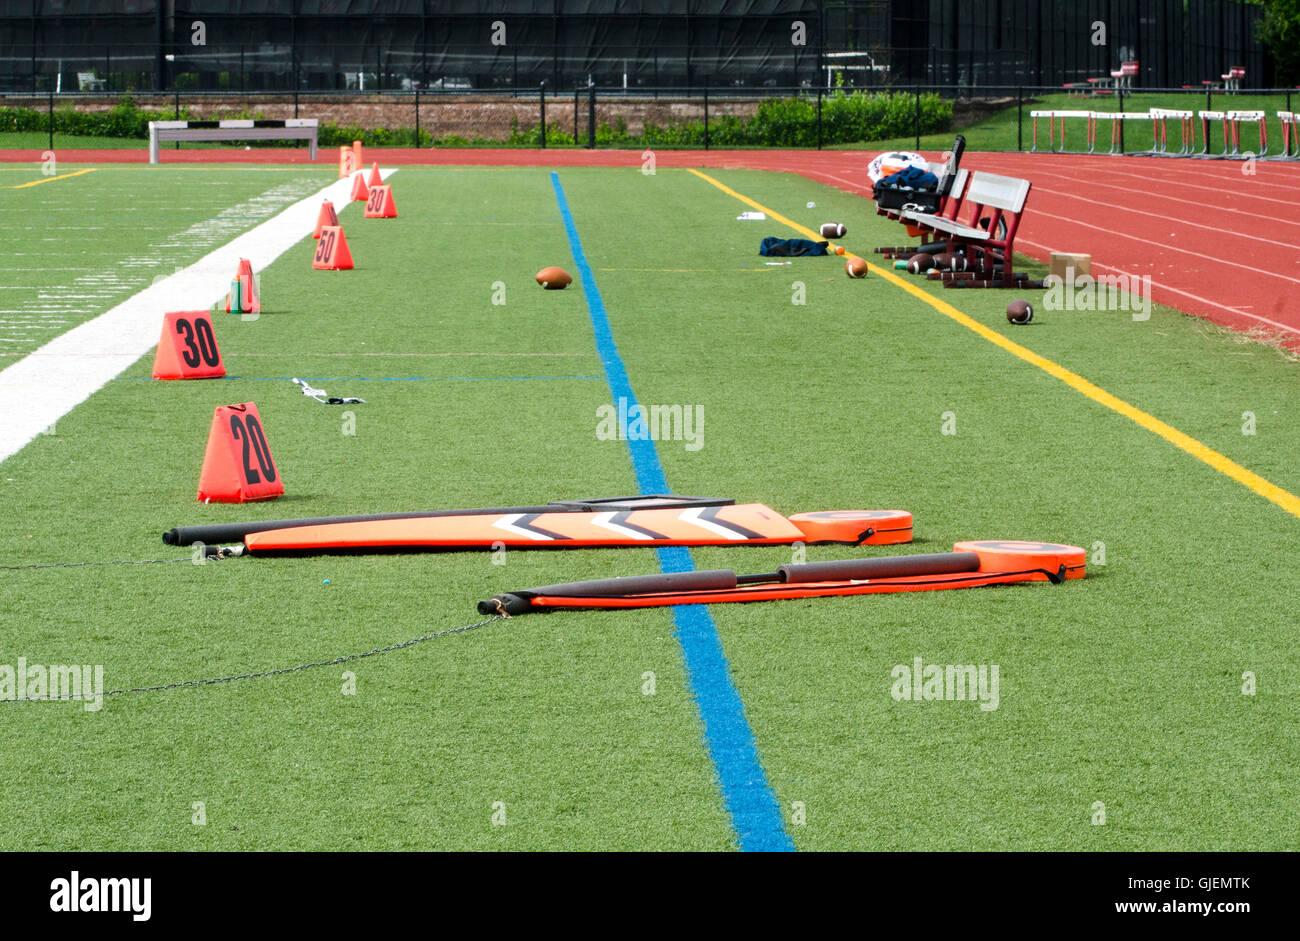 Les marqueurs de champ Orange sur terrain de football Photo Stock